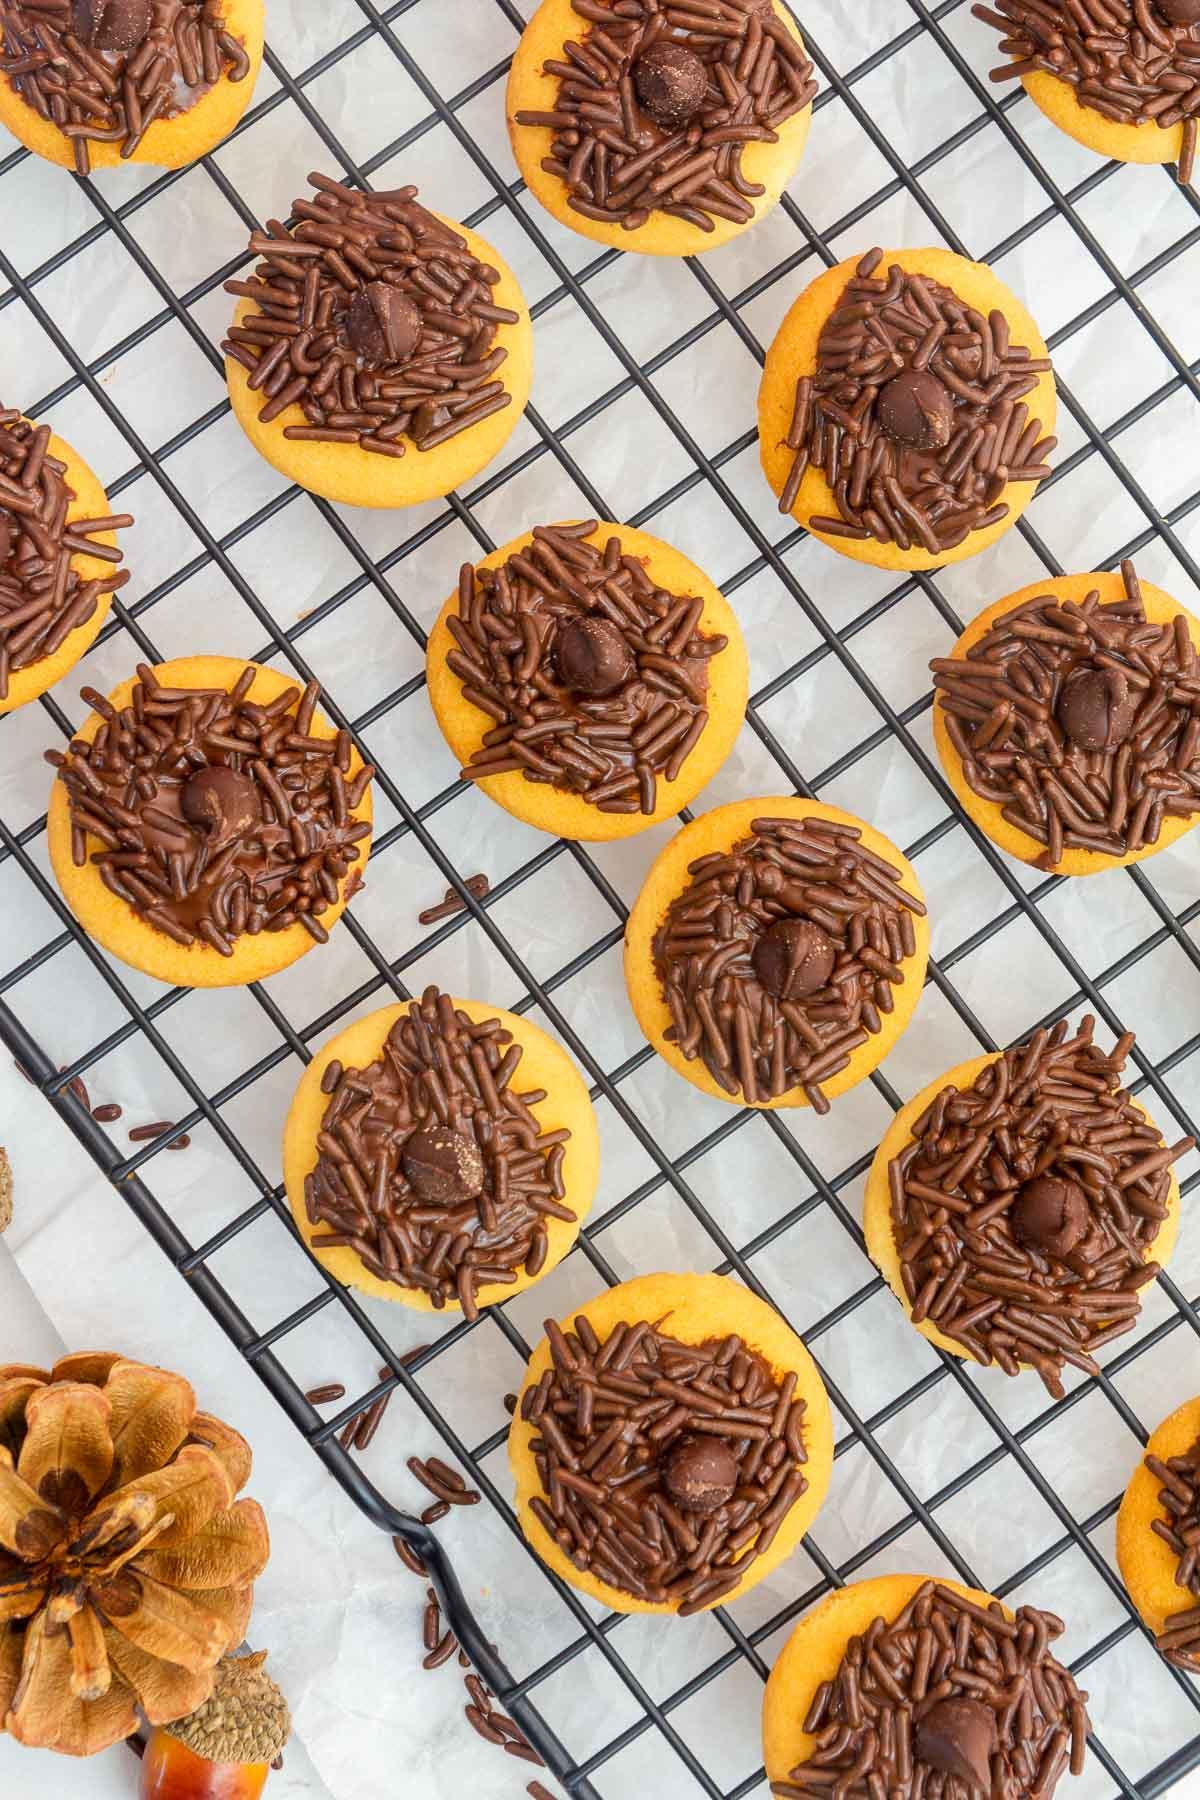 acorn brownie bites tops on wire rack